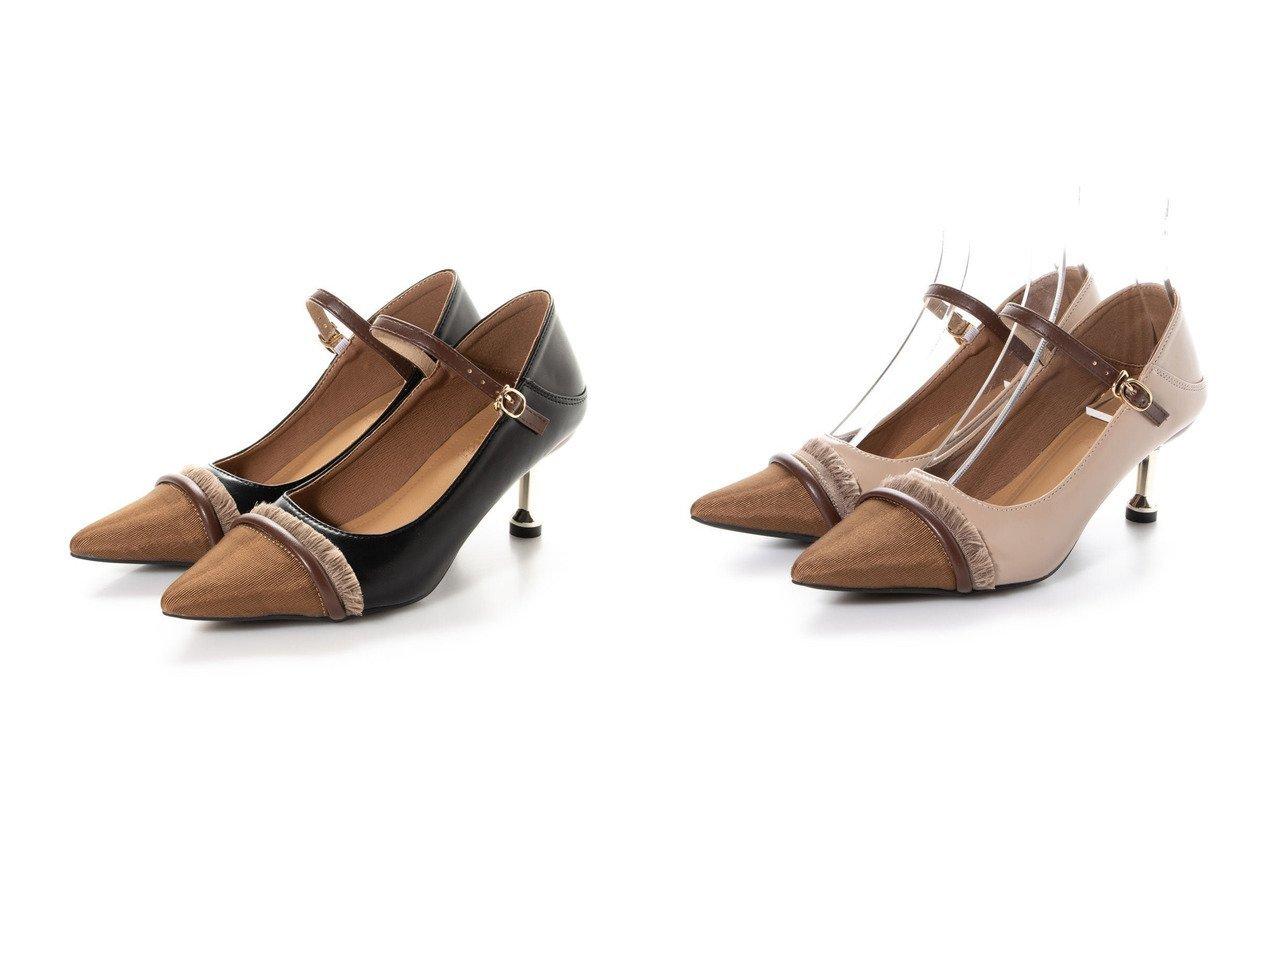 【SVEC/シュベック】のストラップパンプス シューズ・靴のおすすめ!人気、トレンド・レディースファッションの通販 おすすめで人気の流行・トレンド、ファッションの通販商品 メンズファッション・キッズファッション・インテリア・家具・レディースファッション・服の通販 founy(ファニー) https://founy.com/ ファッション Fashion レディースファッション WOMEN サテン シンプル ストラップパンプス |ID:crp329100000022563